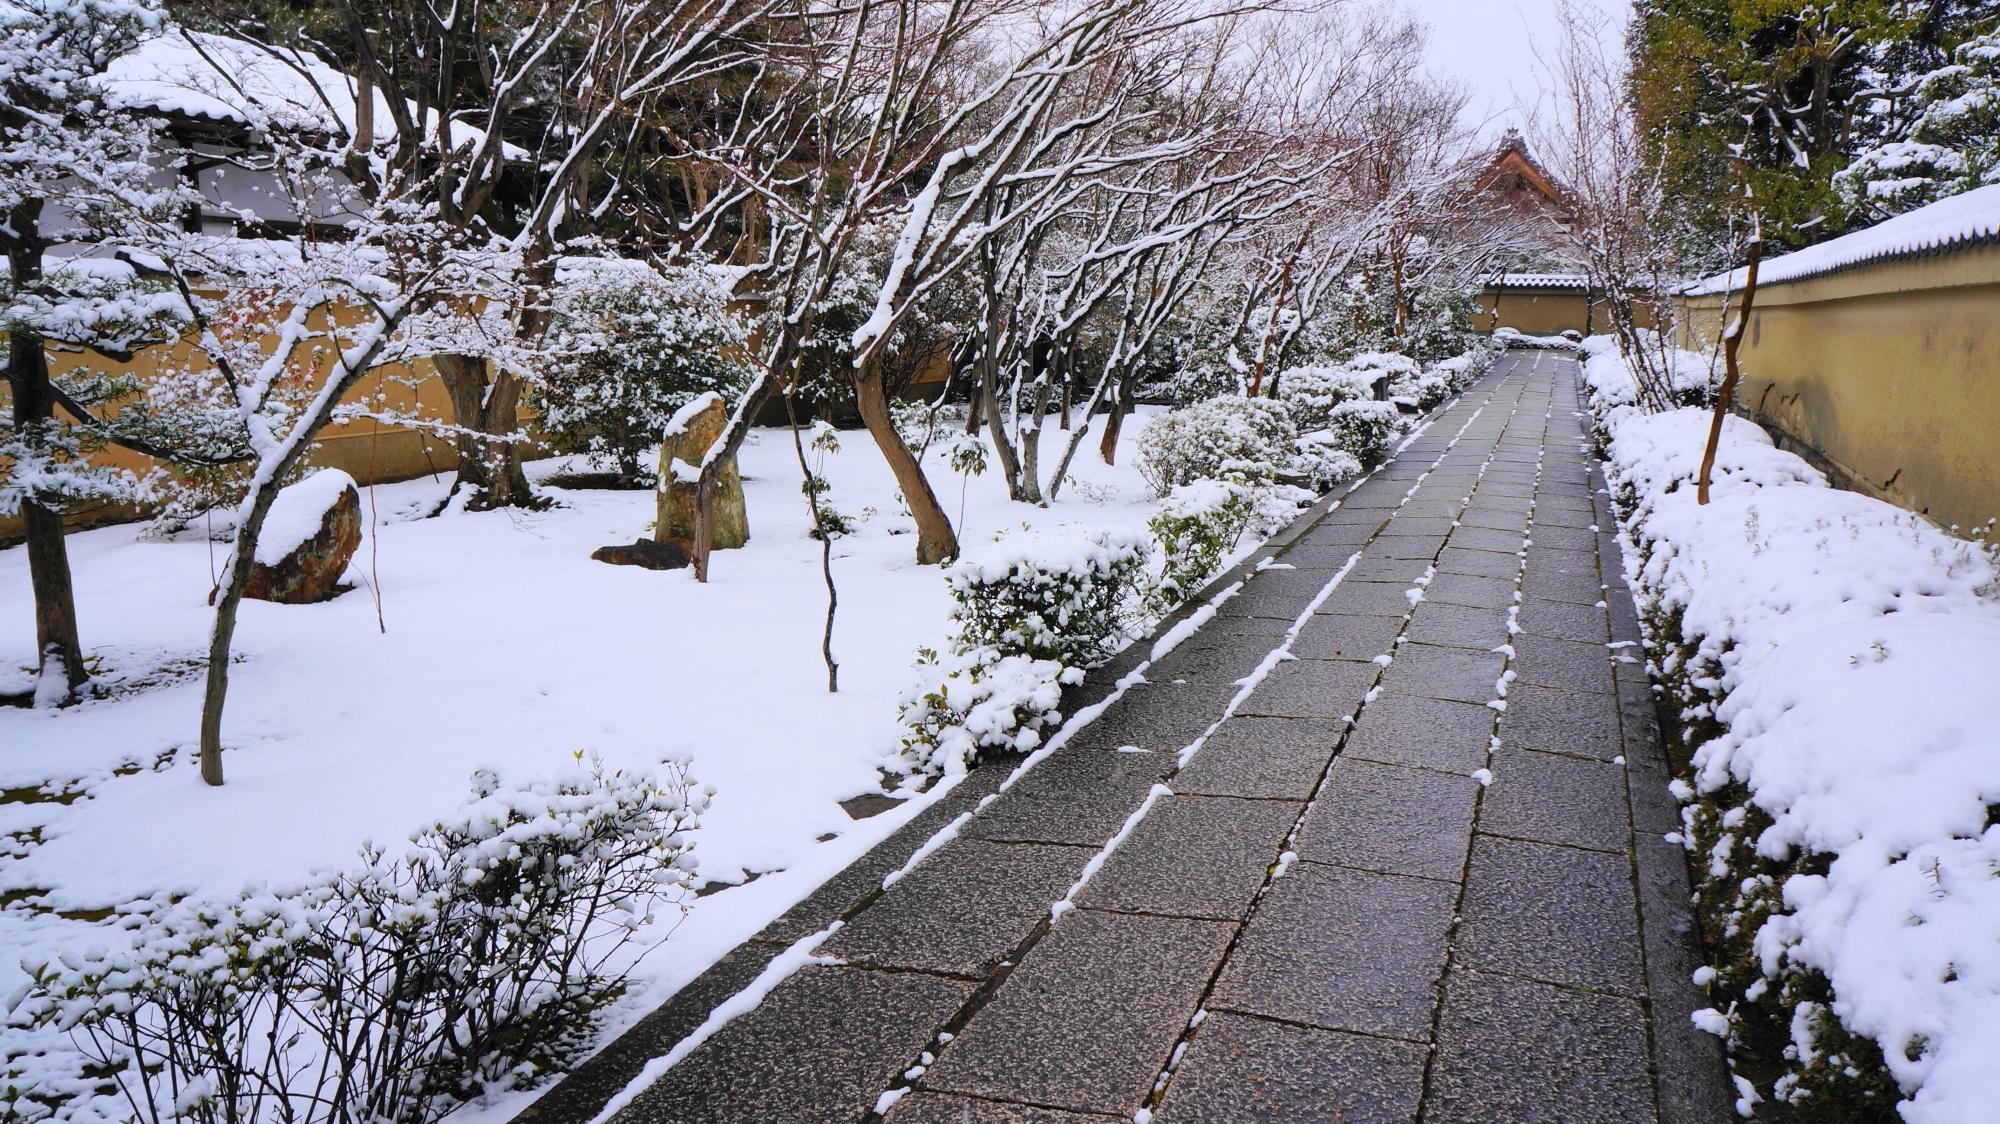 芳春院の参道の雪景色